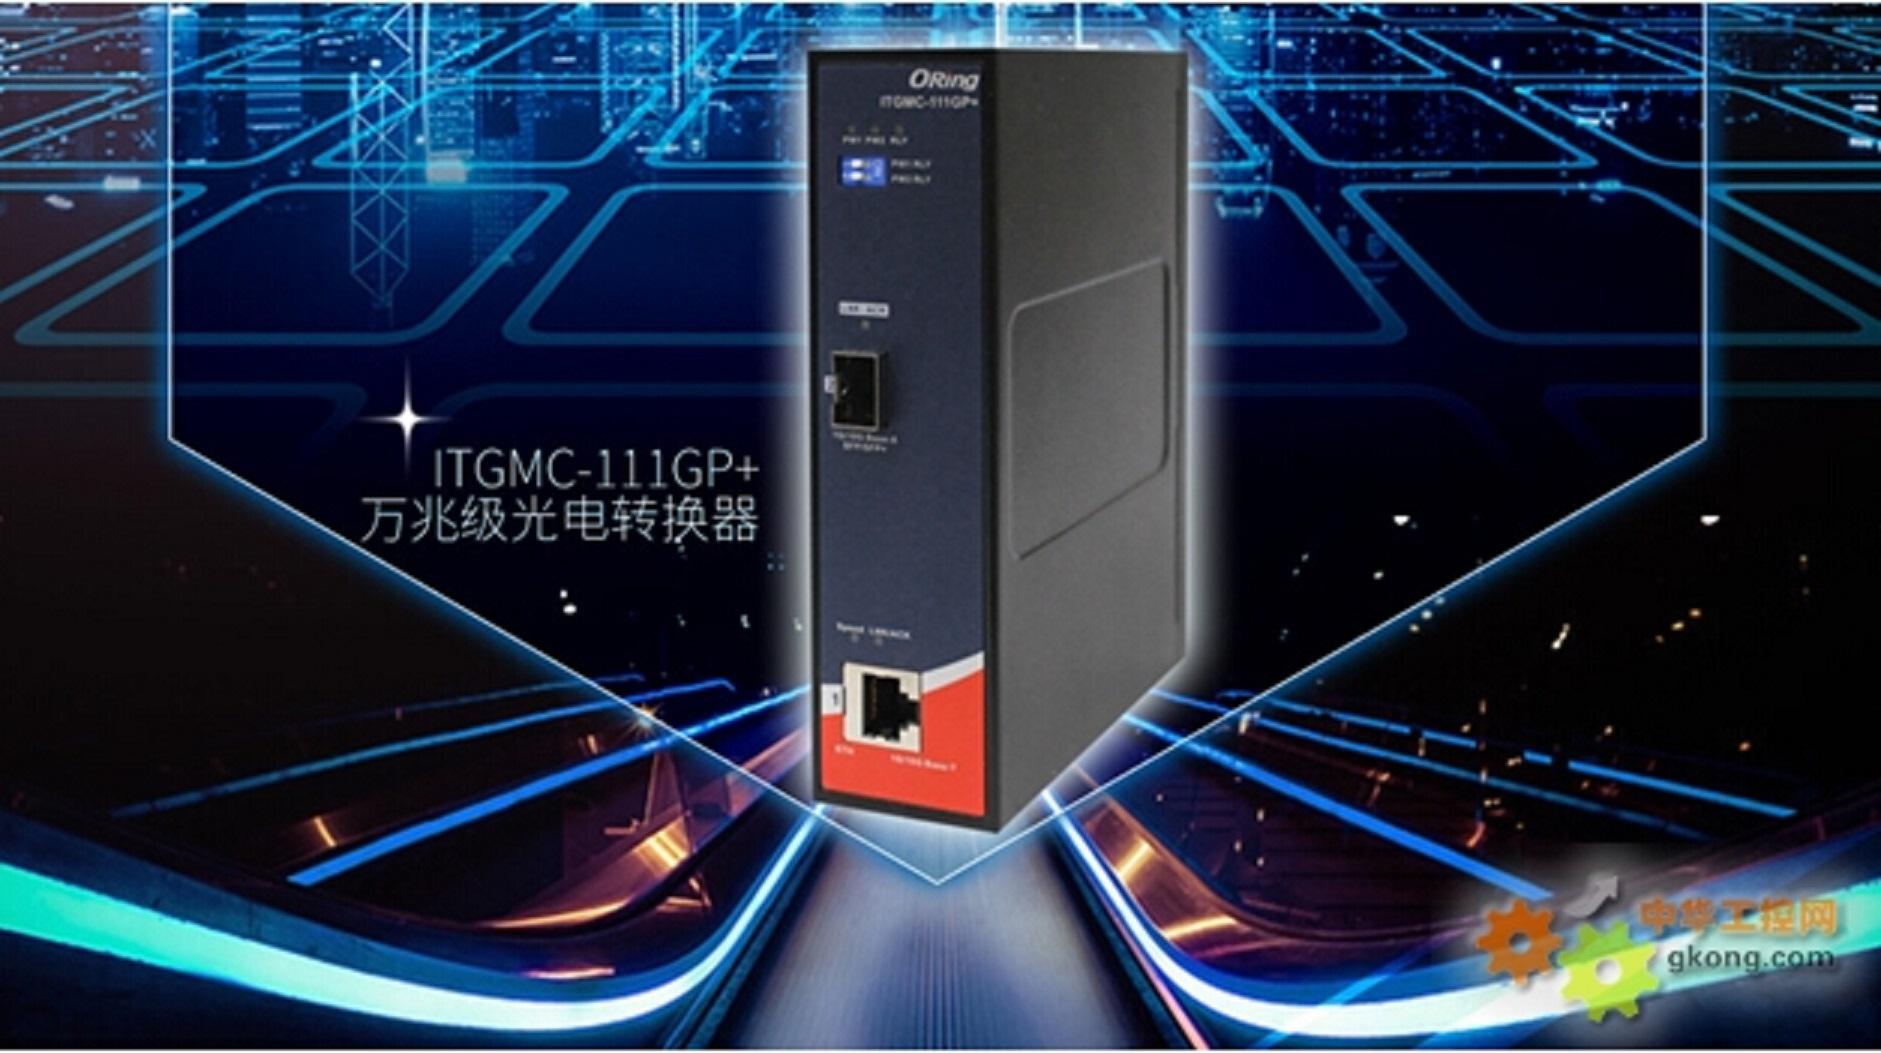 威力工业网络发布万兆级光电转换器